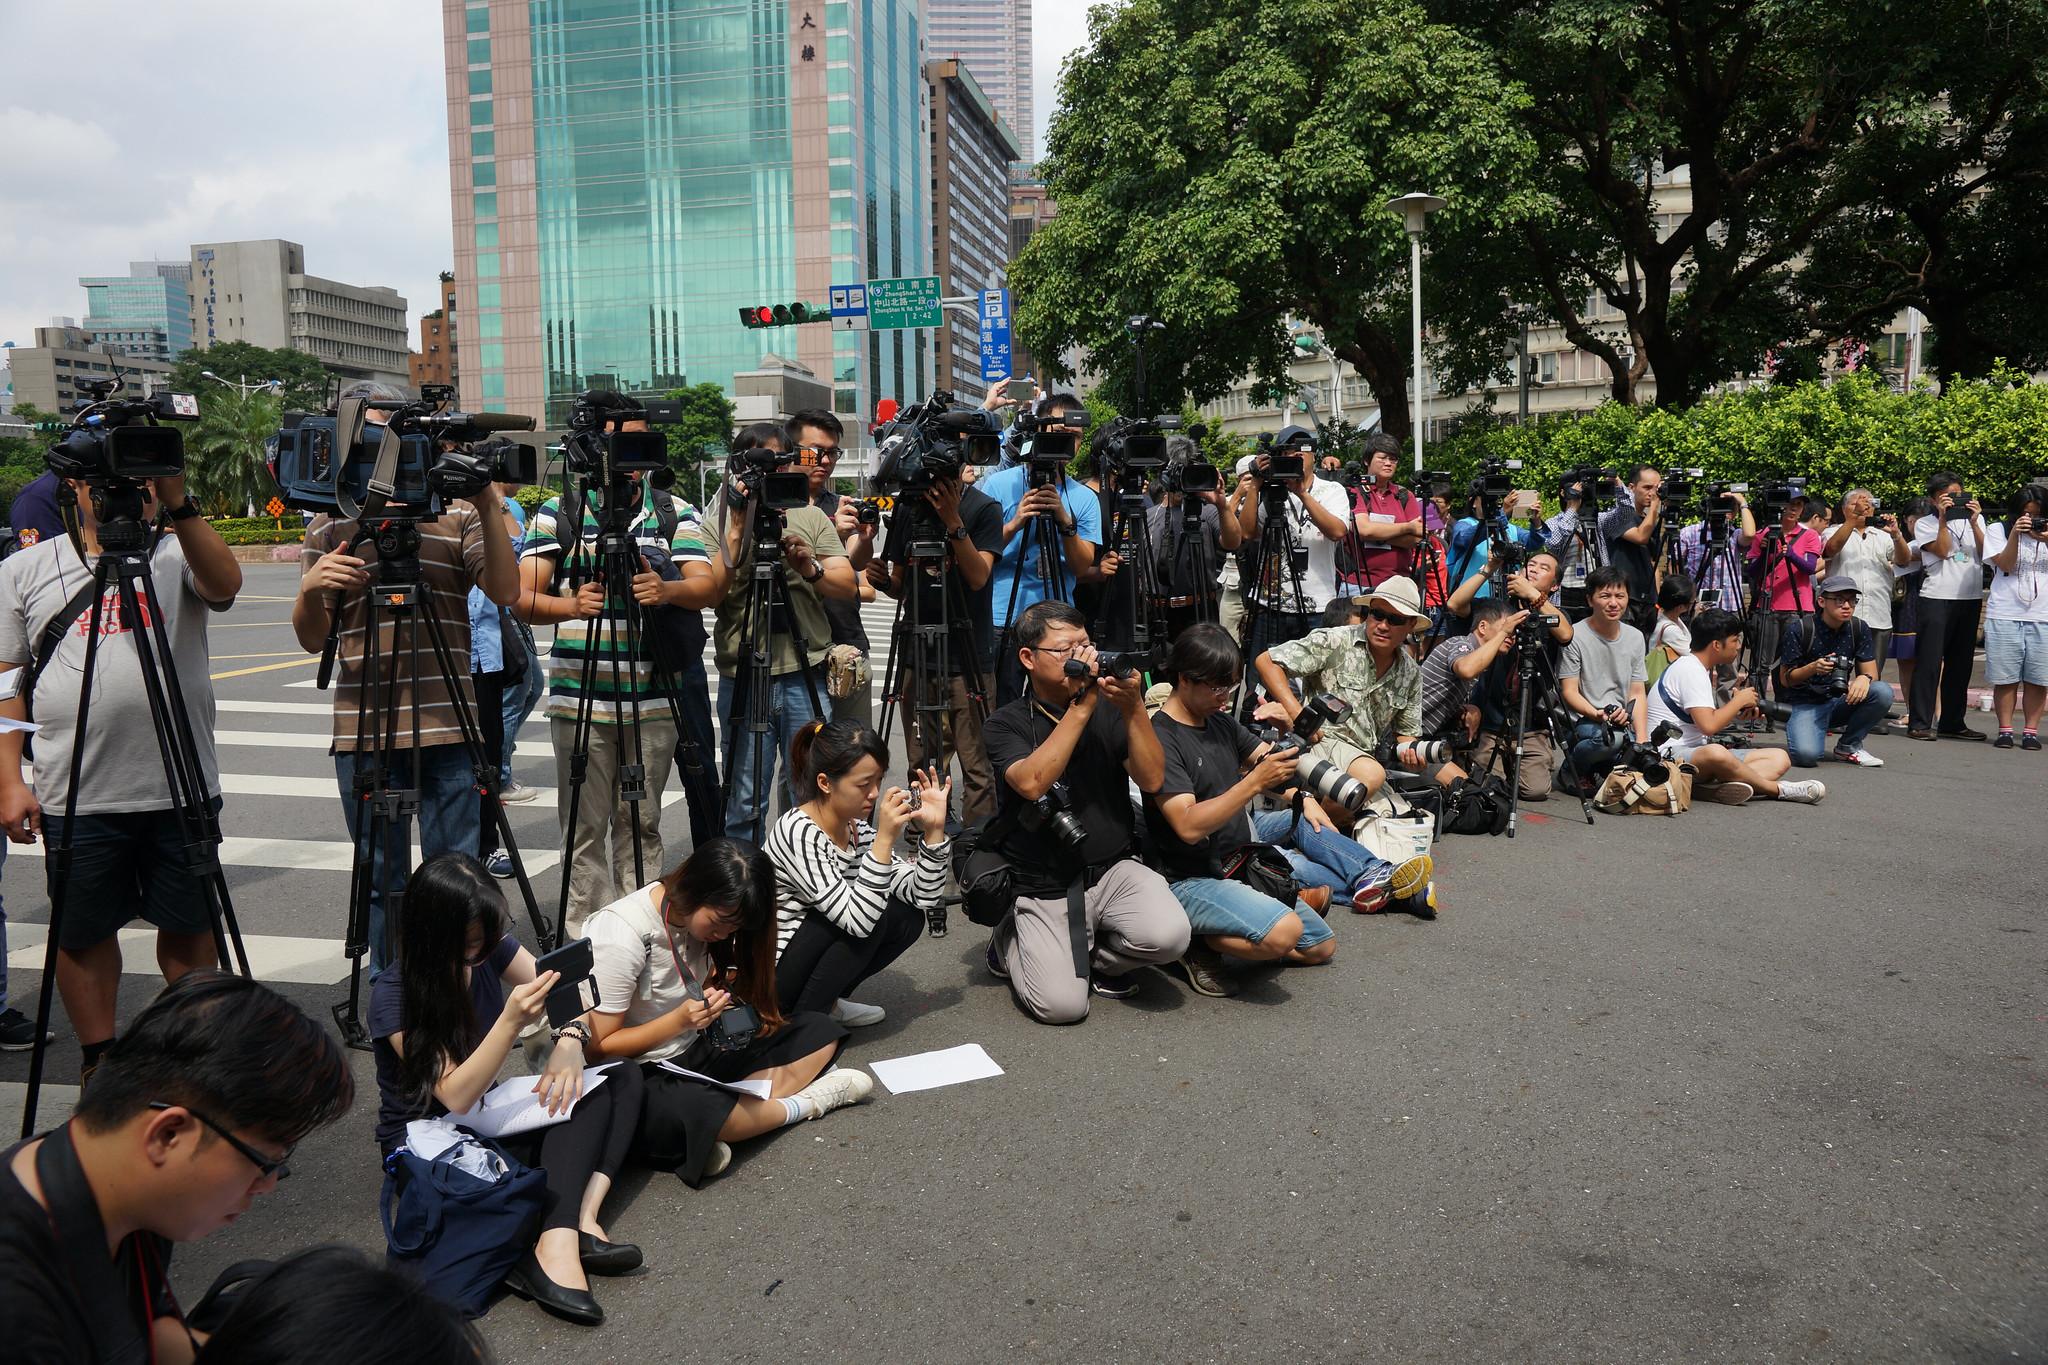 媒體記者能否「七休一」,端看勞動部兩個月後發佈新裁量標準。壹電視工會鄭一平向現場眾家採訪記者喊話,下次站到這邊來(指抗議隊伍)。(攝影:王顥中)